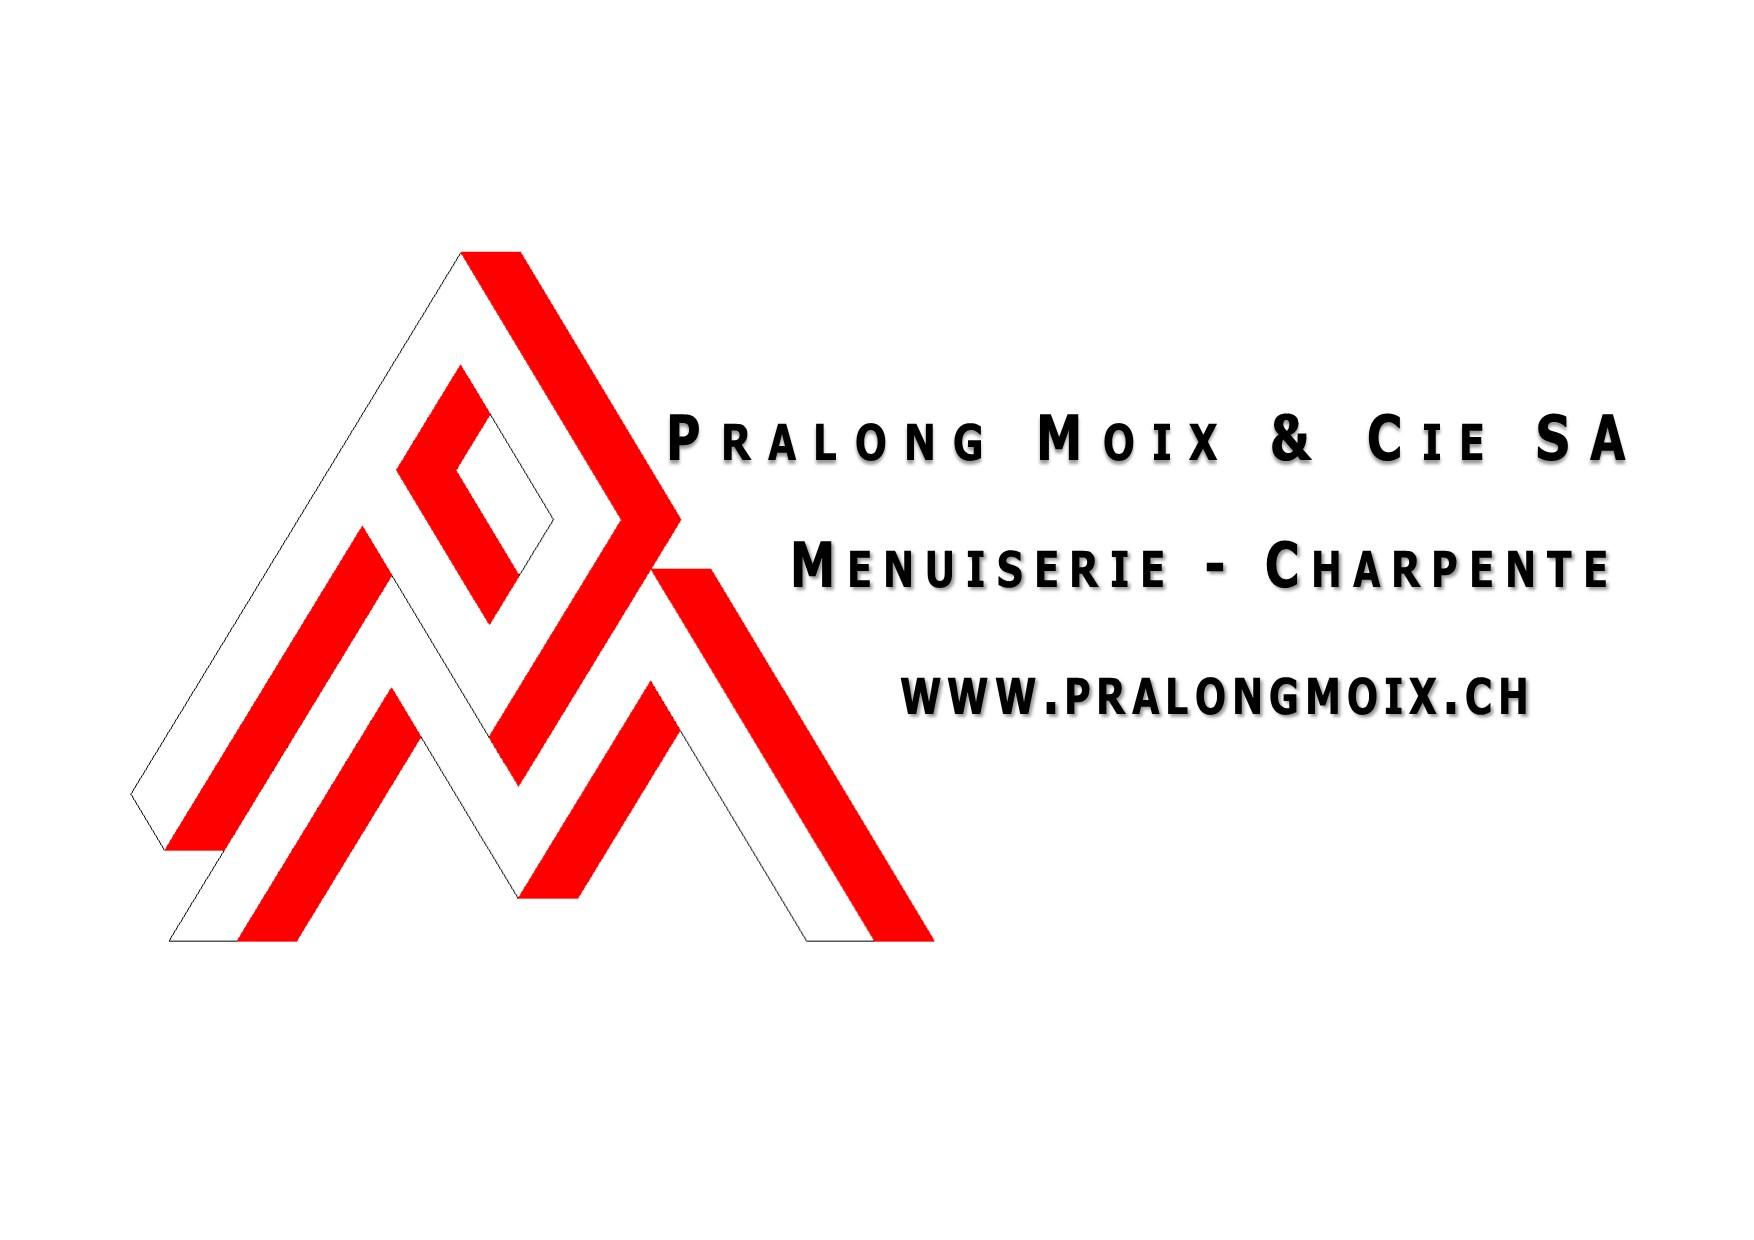 Pralong Moix & Cie